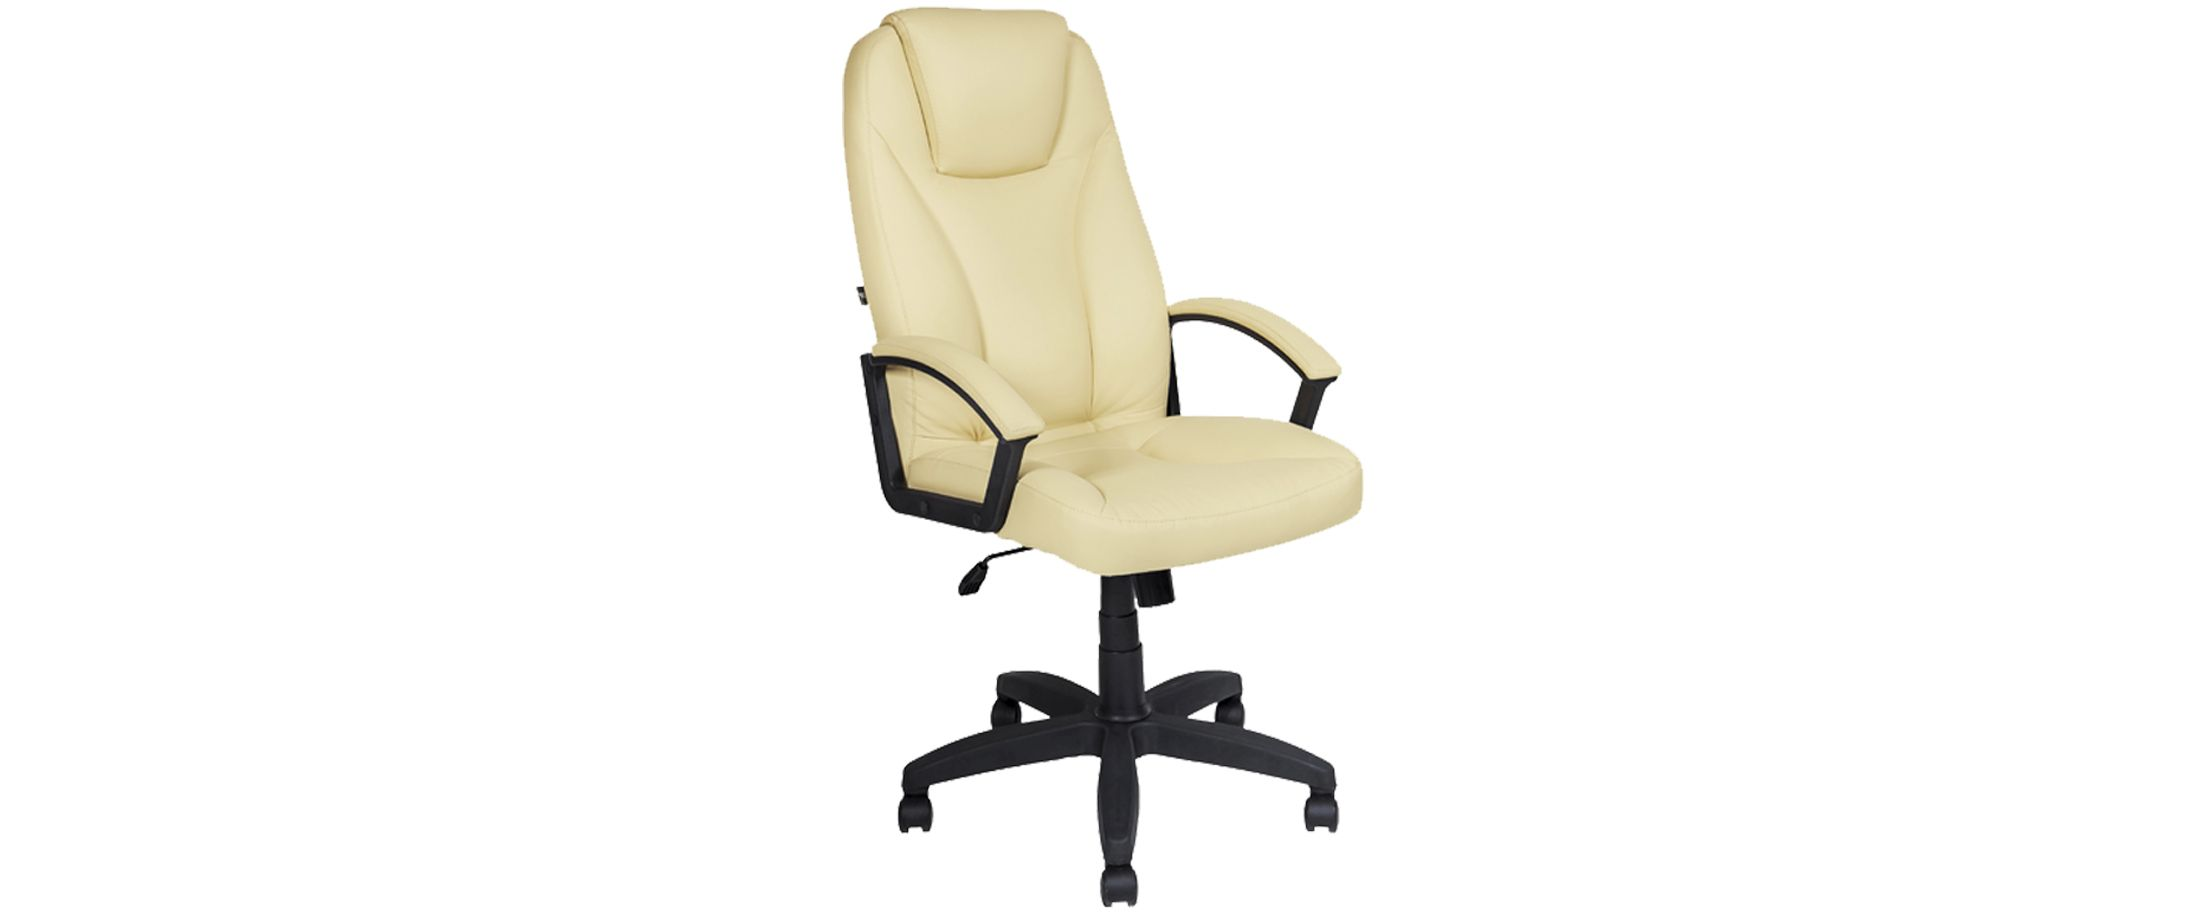 Кресло офисное AV 115 из экокожи цвет слоновая кость Модель 999Кресло офисное AV 115 из экокожи цвет слоновая кость Модель 999. Артикул Д000685<br><br>Ширина см: 50<br>Глубина см: 64<br>Высота см: 130<br>Цвет: Бежевый